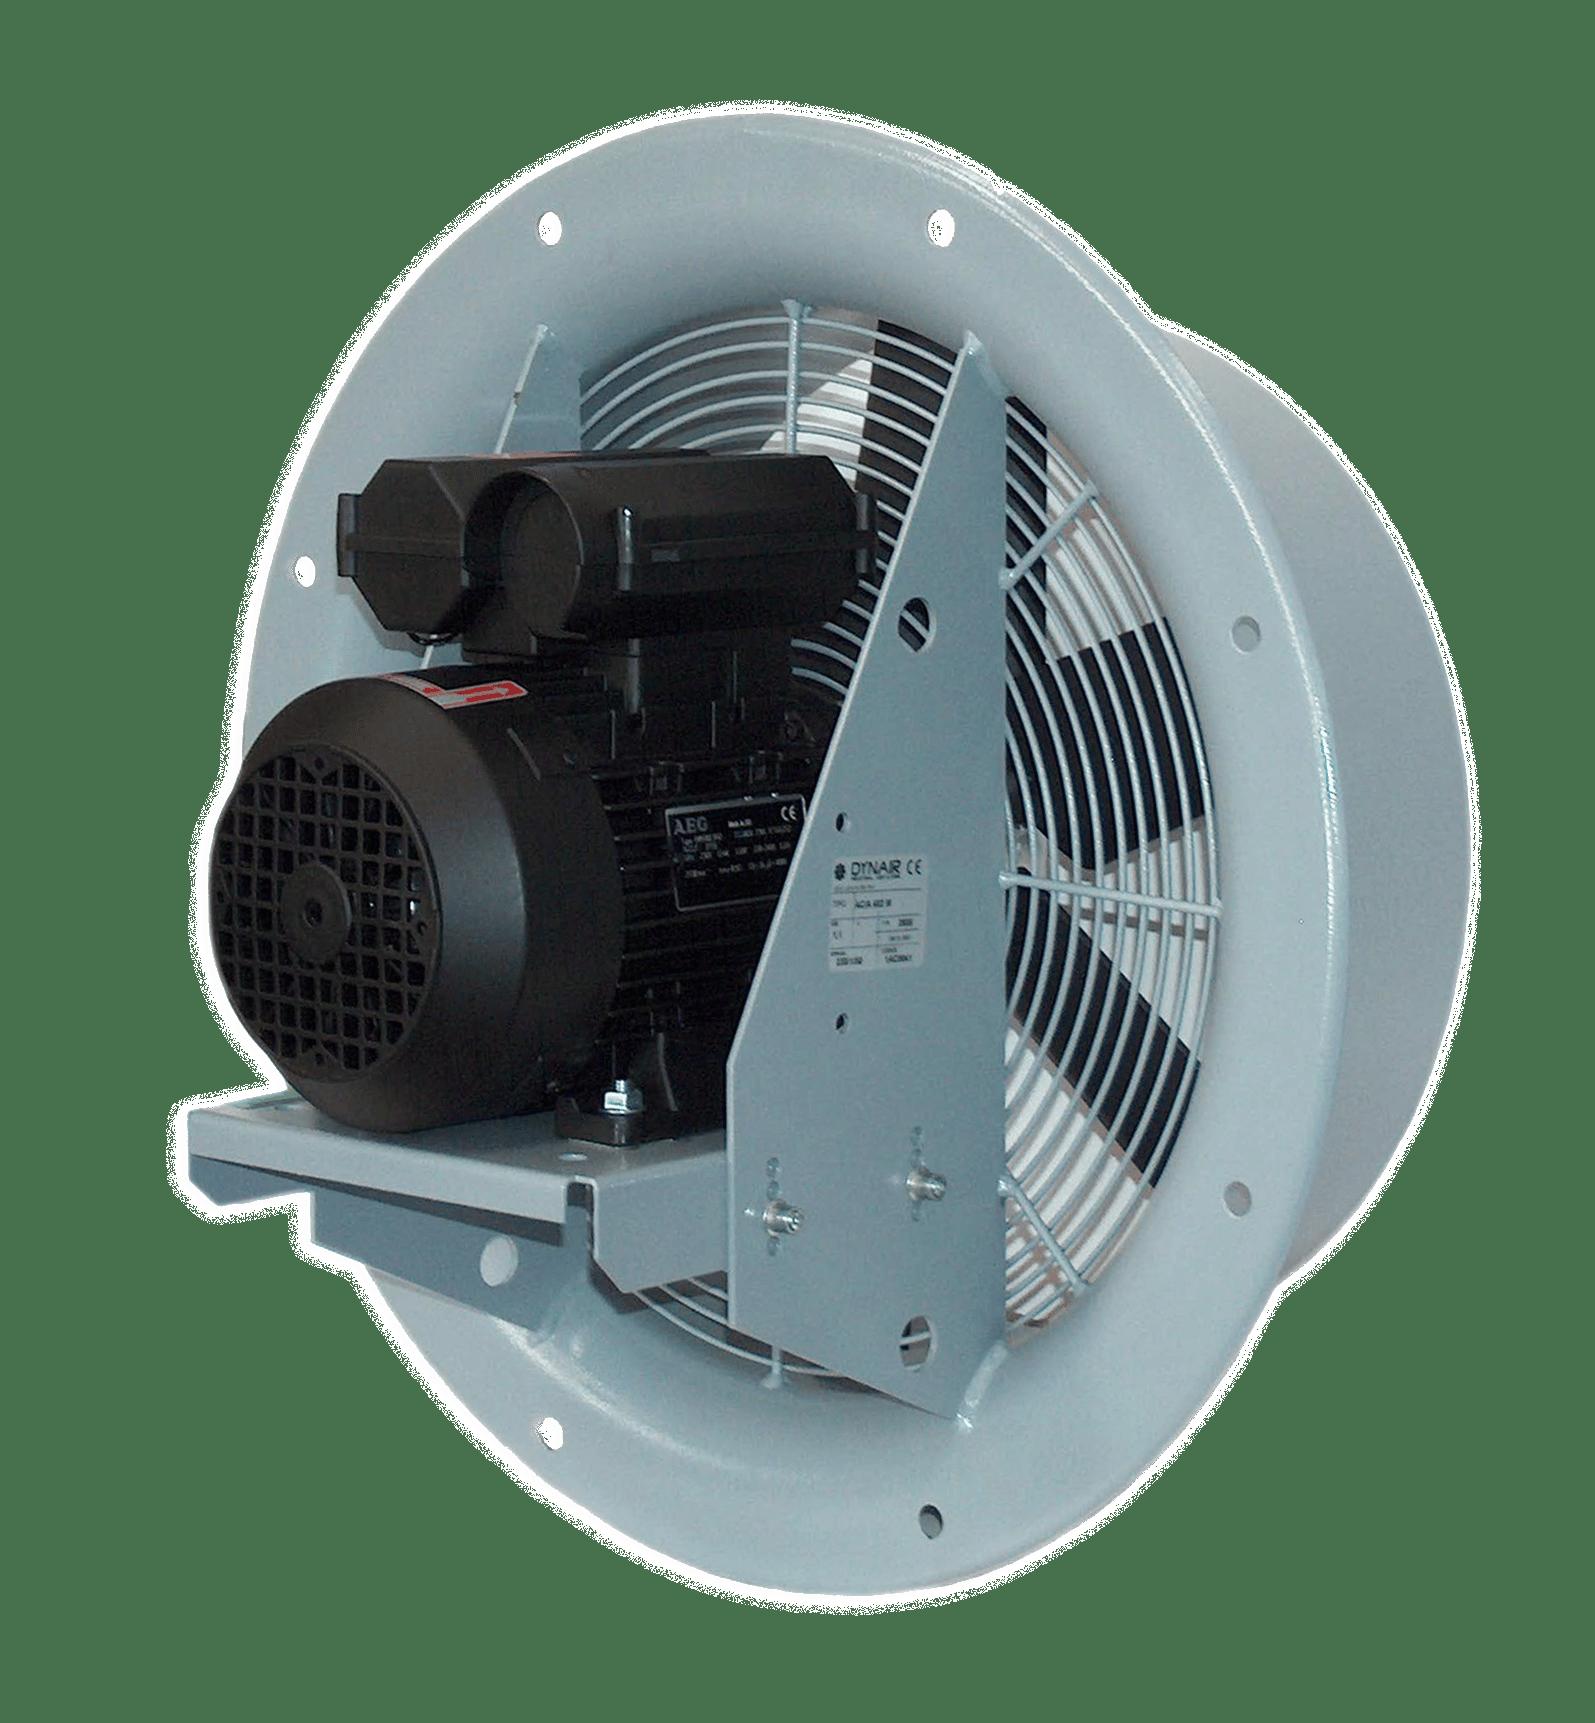 ventilateur axial AC-A